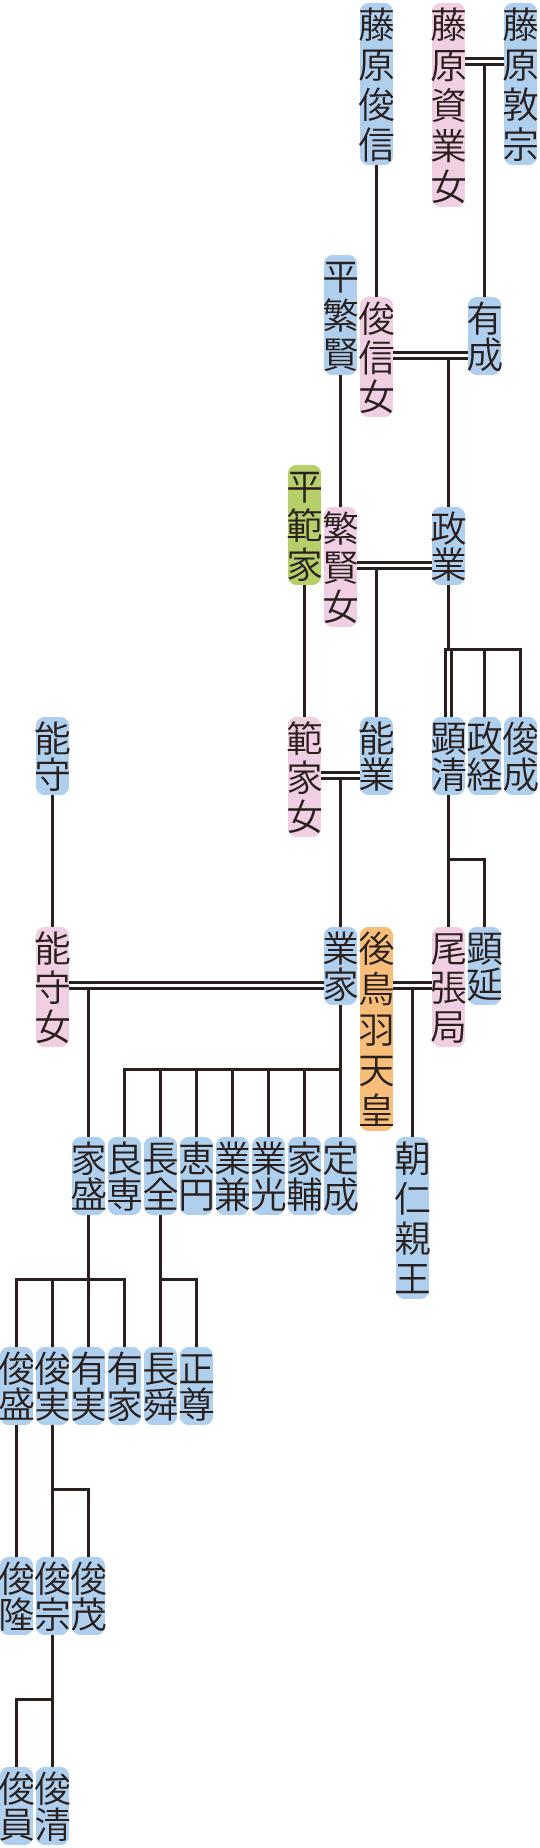 藤原政業の系図